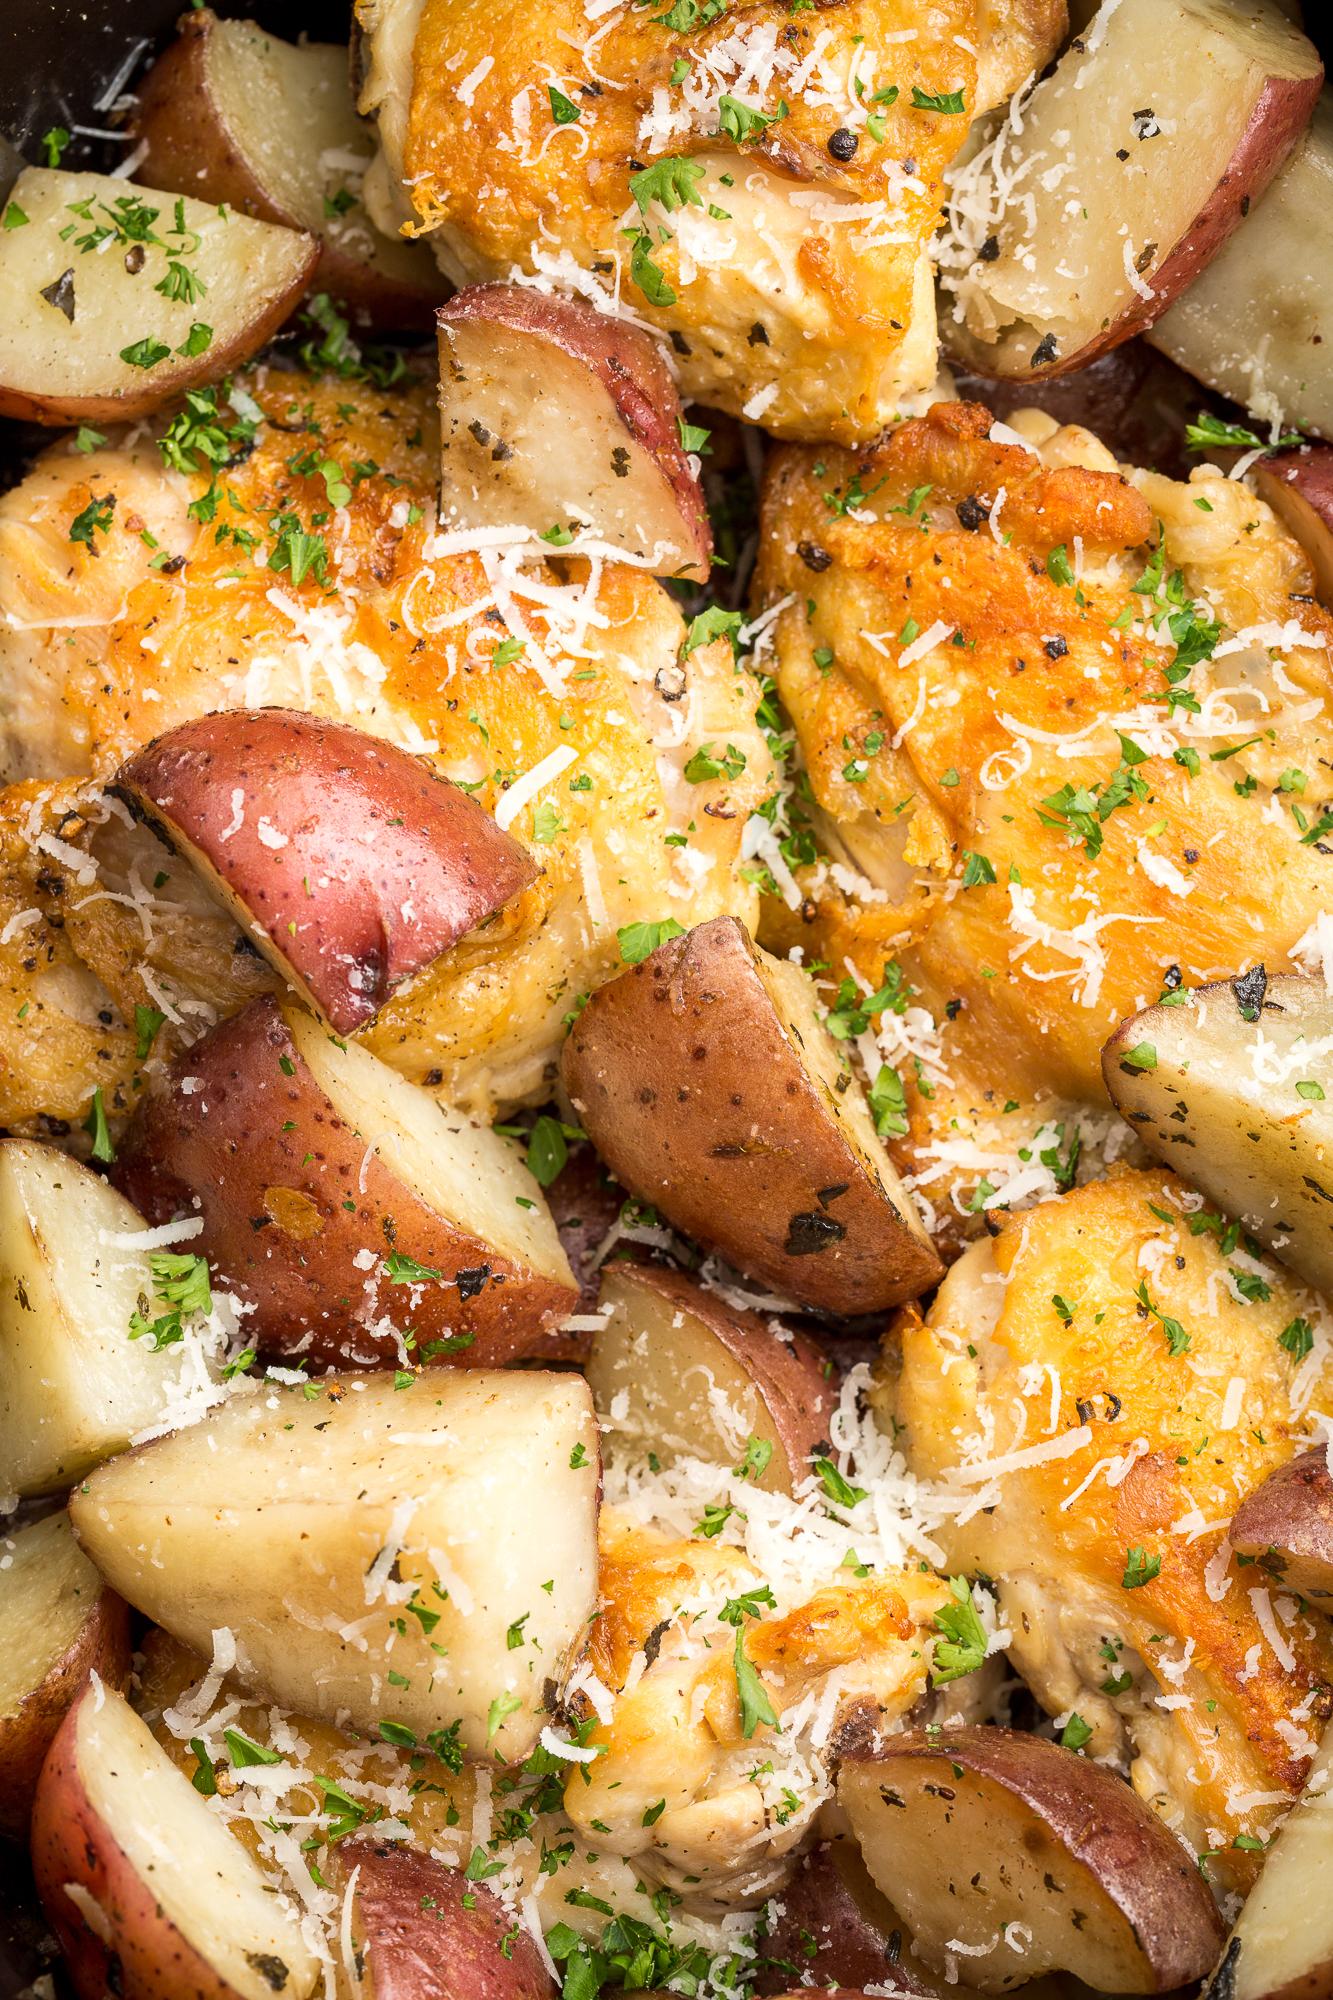 Bone In Chicken Crockpot Recipes Slow Cooker Crock Pot